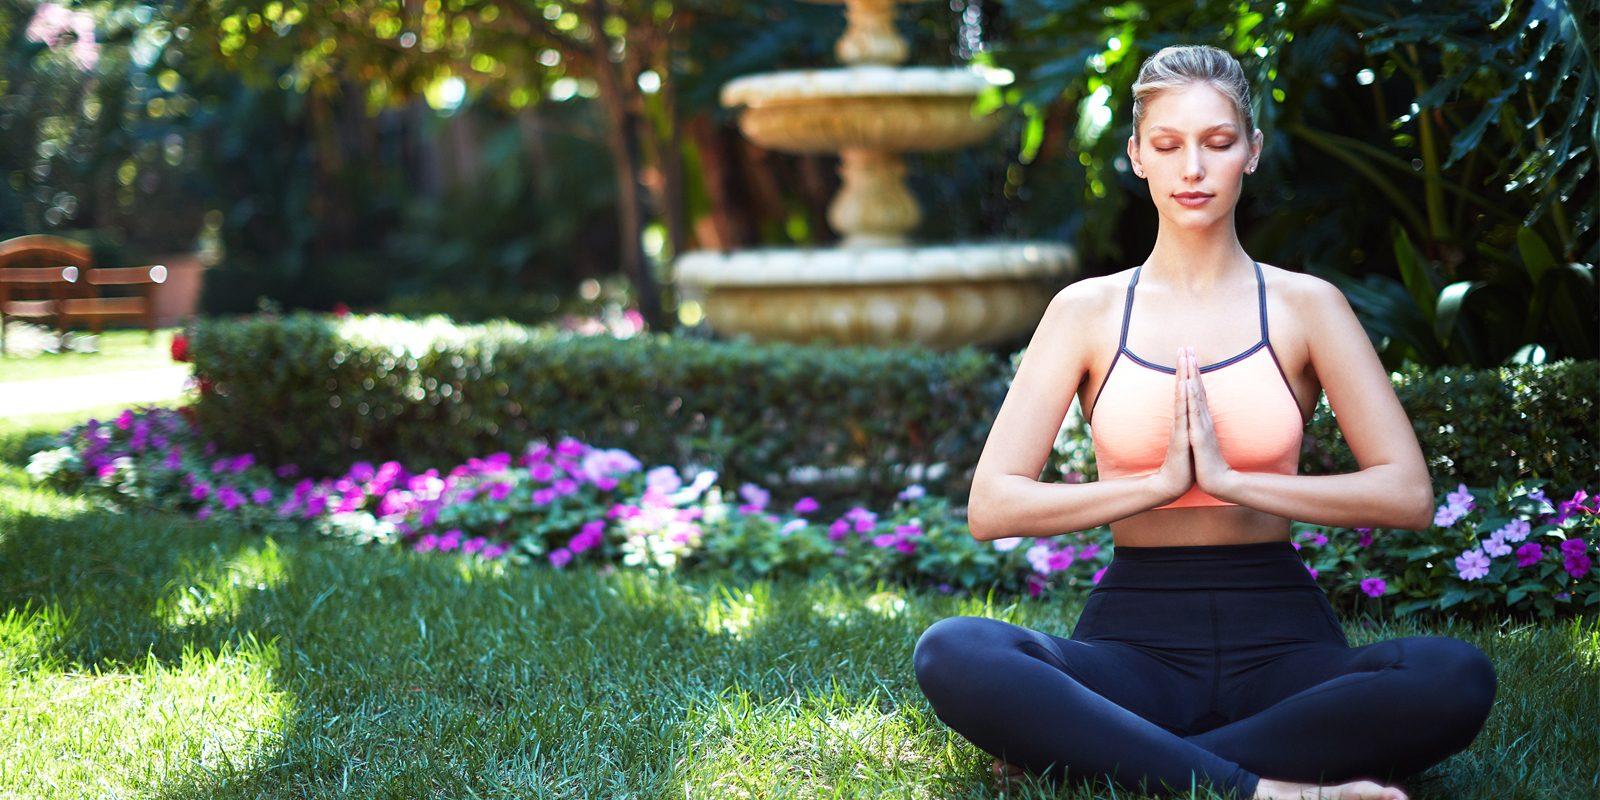 Practice finding your zen